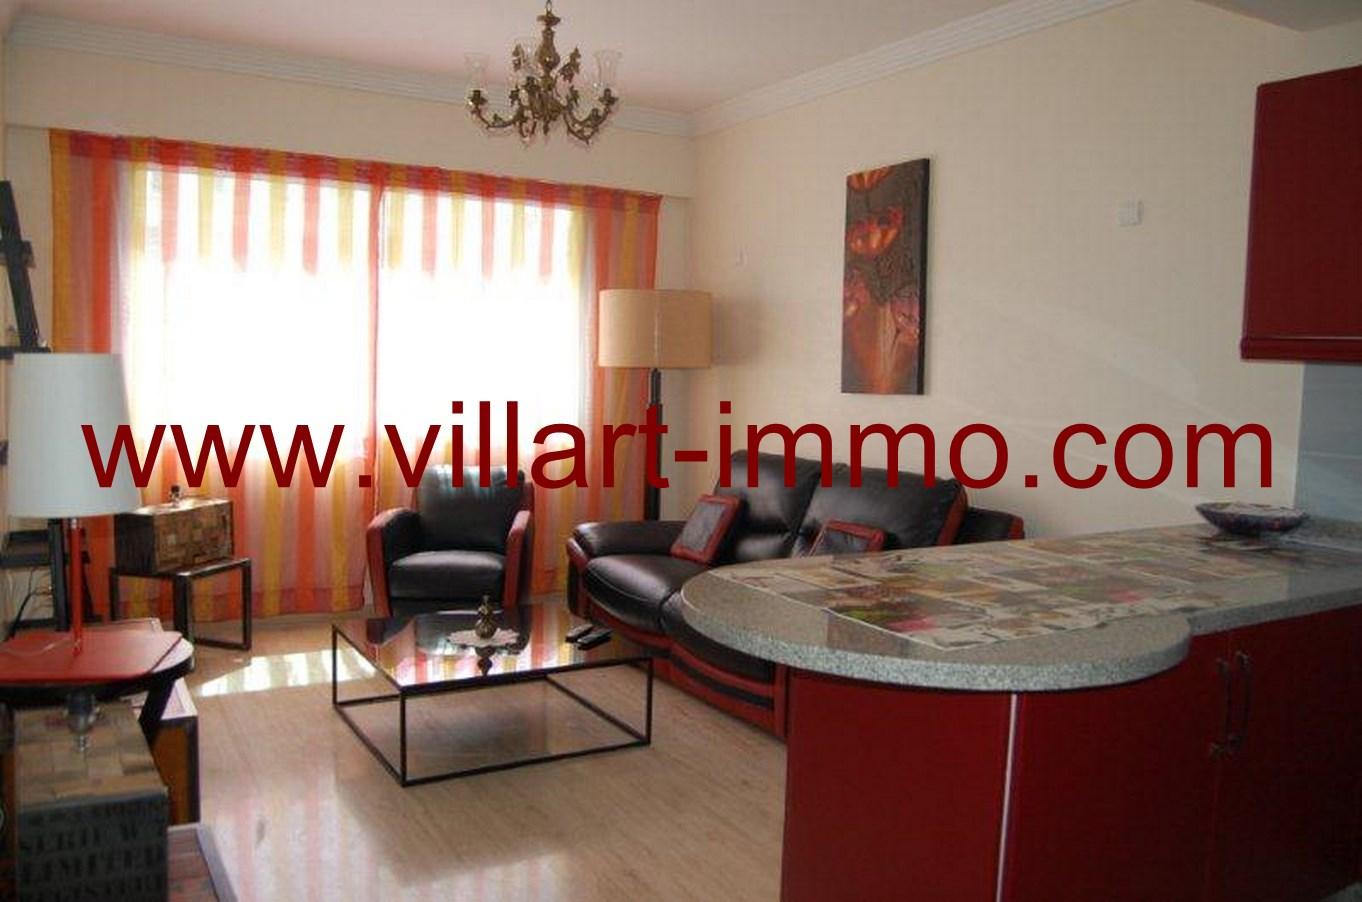 2-Location-Appartement-meublé-Tanger-Salon-L678-Villart-immo